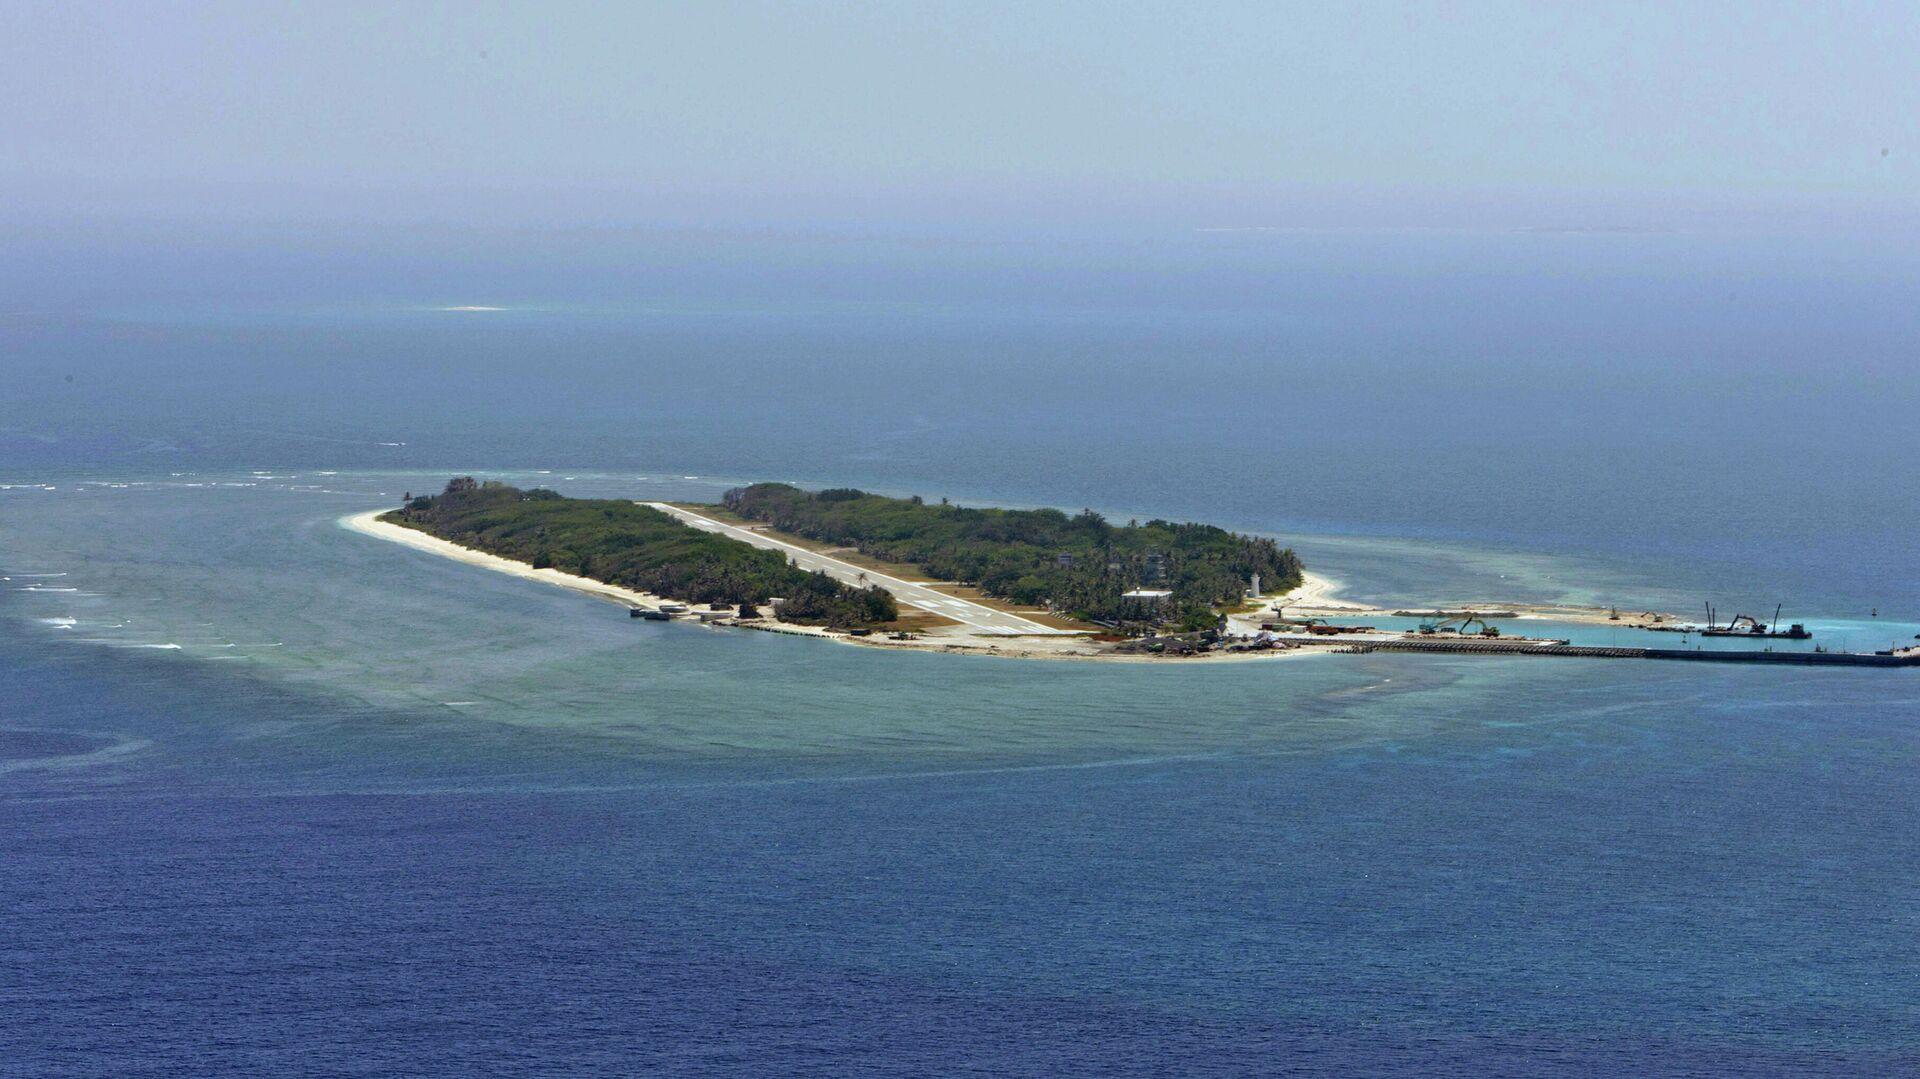 La isla Itu Aba en el mar de la China Meridional - Sputnik Mundo, 1920, 12.05.2021